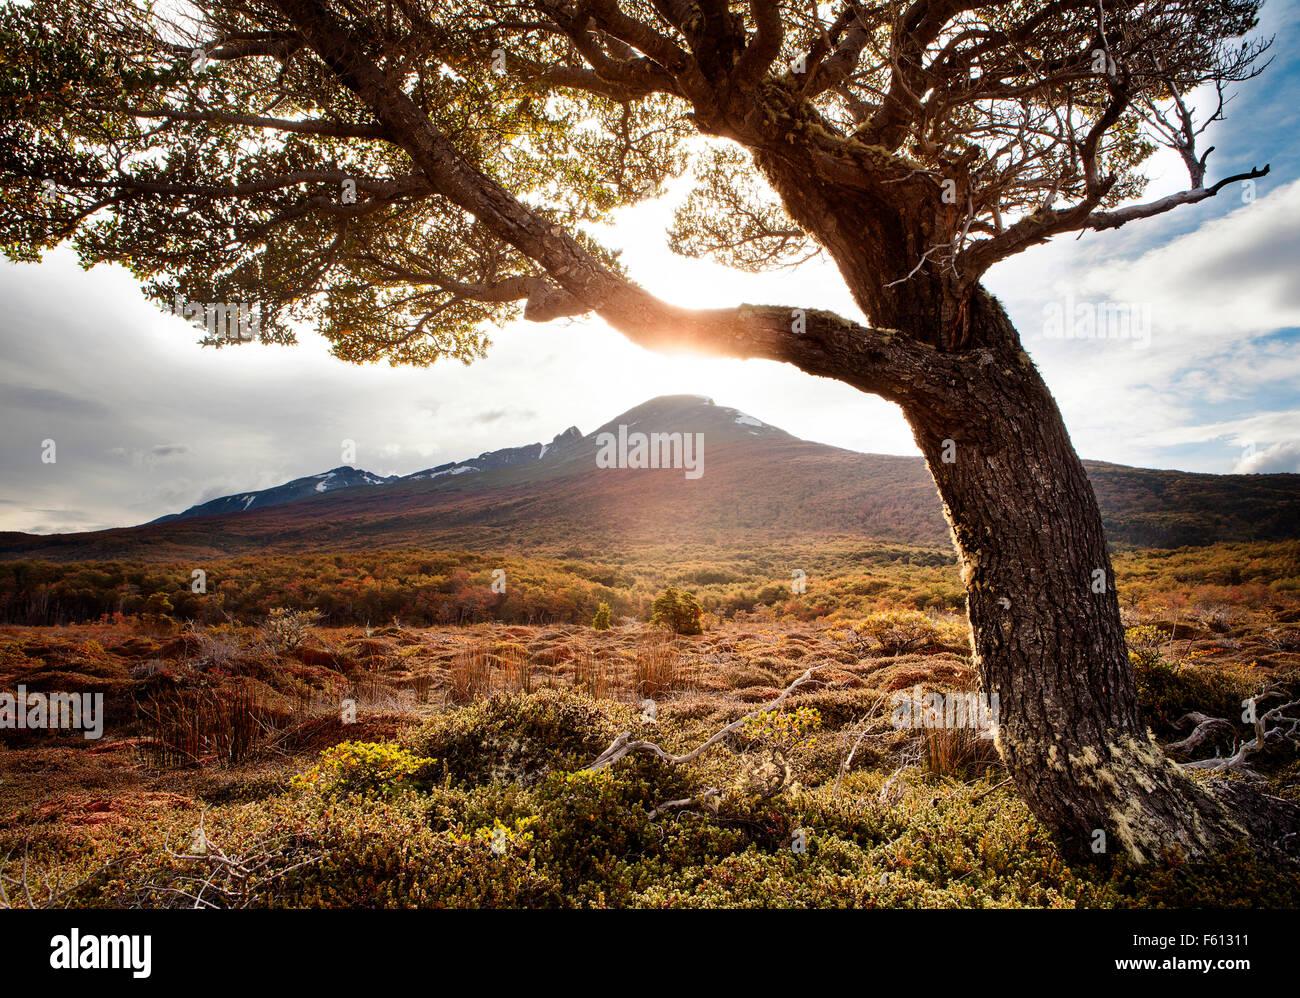 Einzigen Baum vor Berg, Archipielago Cormoranes, Tierra del Fuego Nationalpark, Argentinien Stockbild